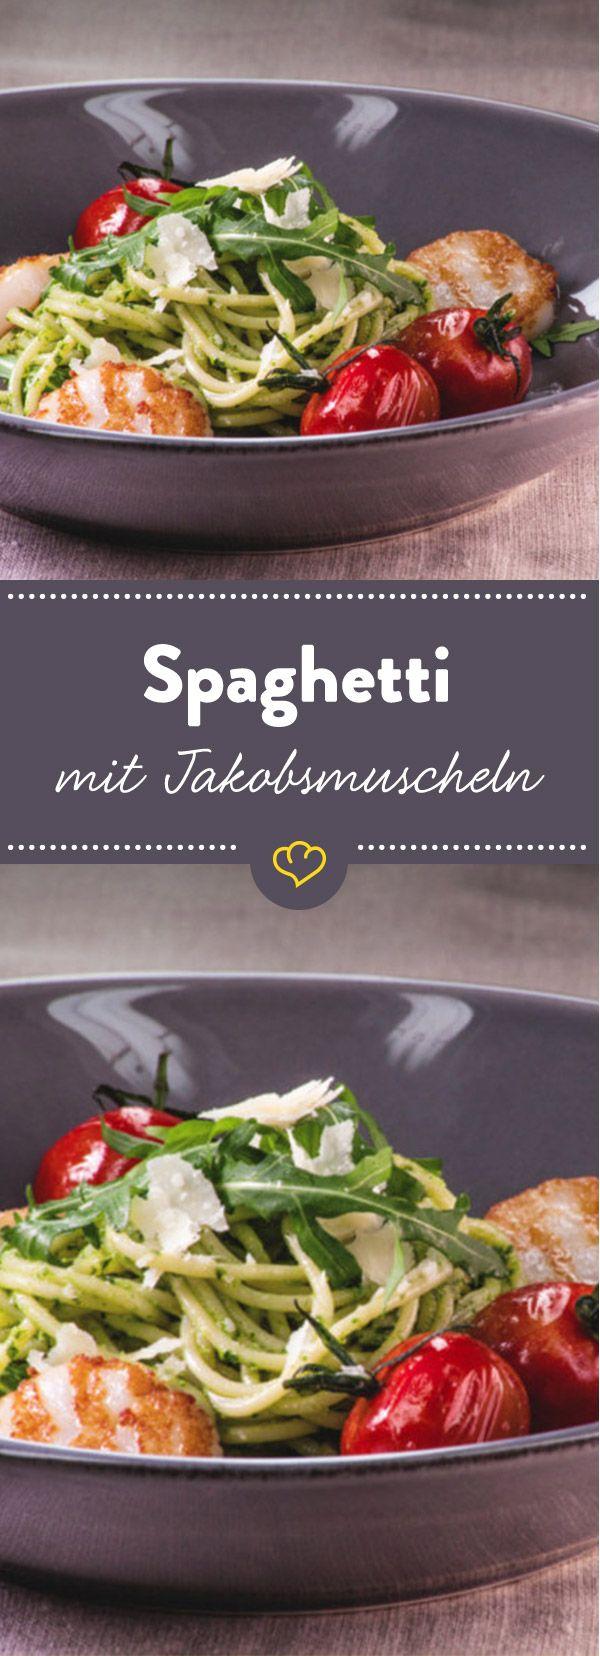 Genau das Richtige zum Angeben: Zarte Jakobsmuscheln treffen auf Pestospaghetti und Kirschtomaten - schnell gemacht und trotzdem edel.